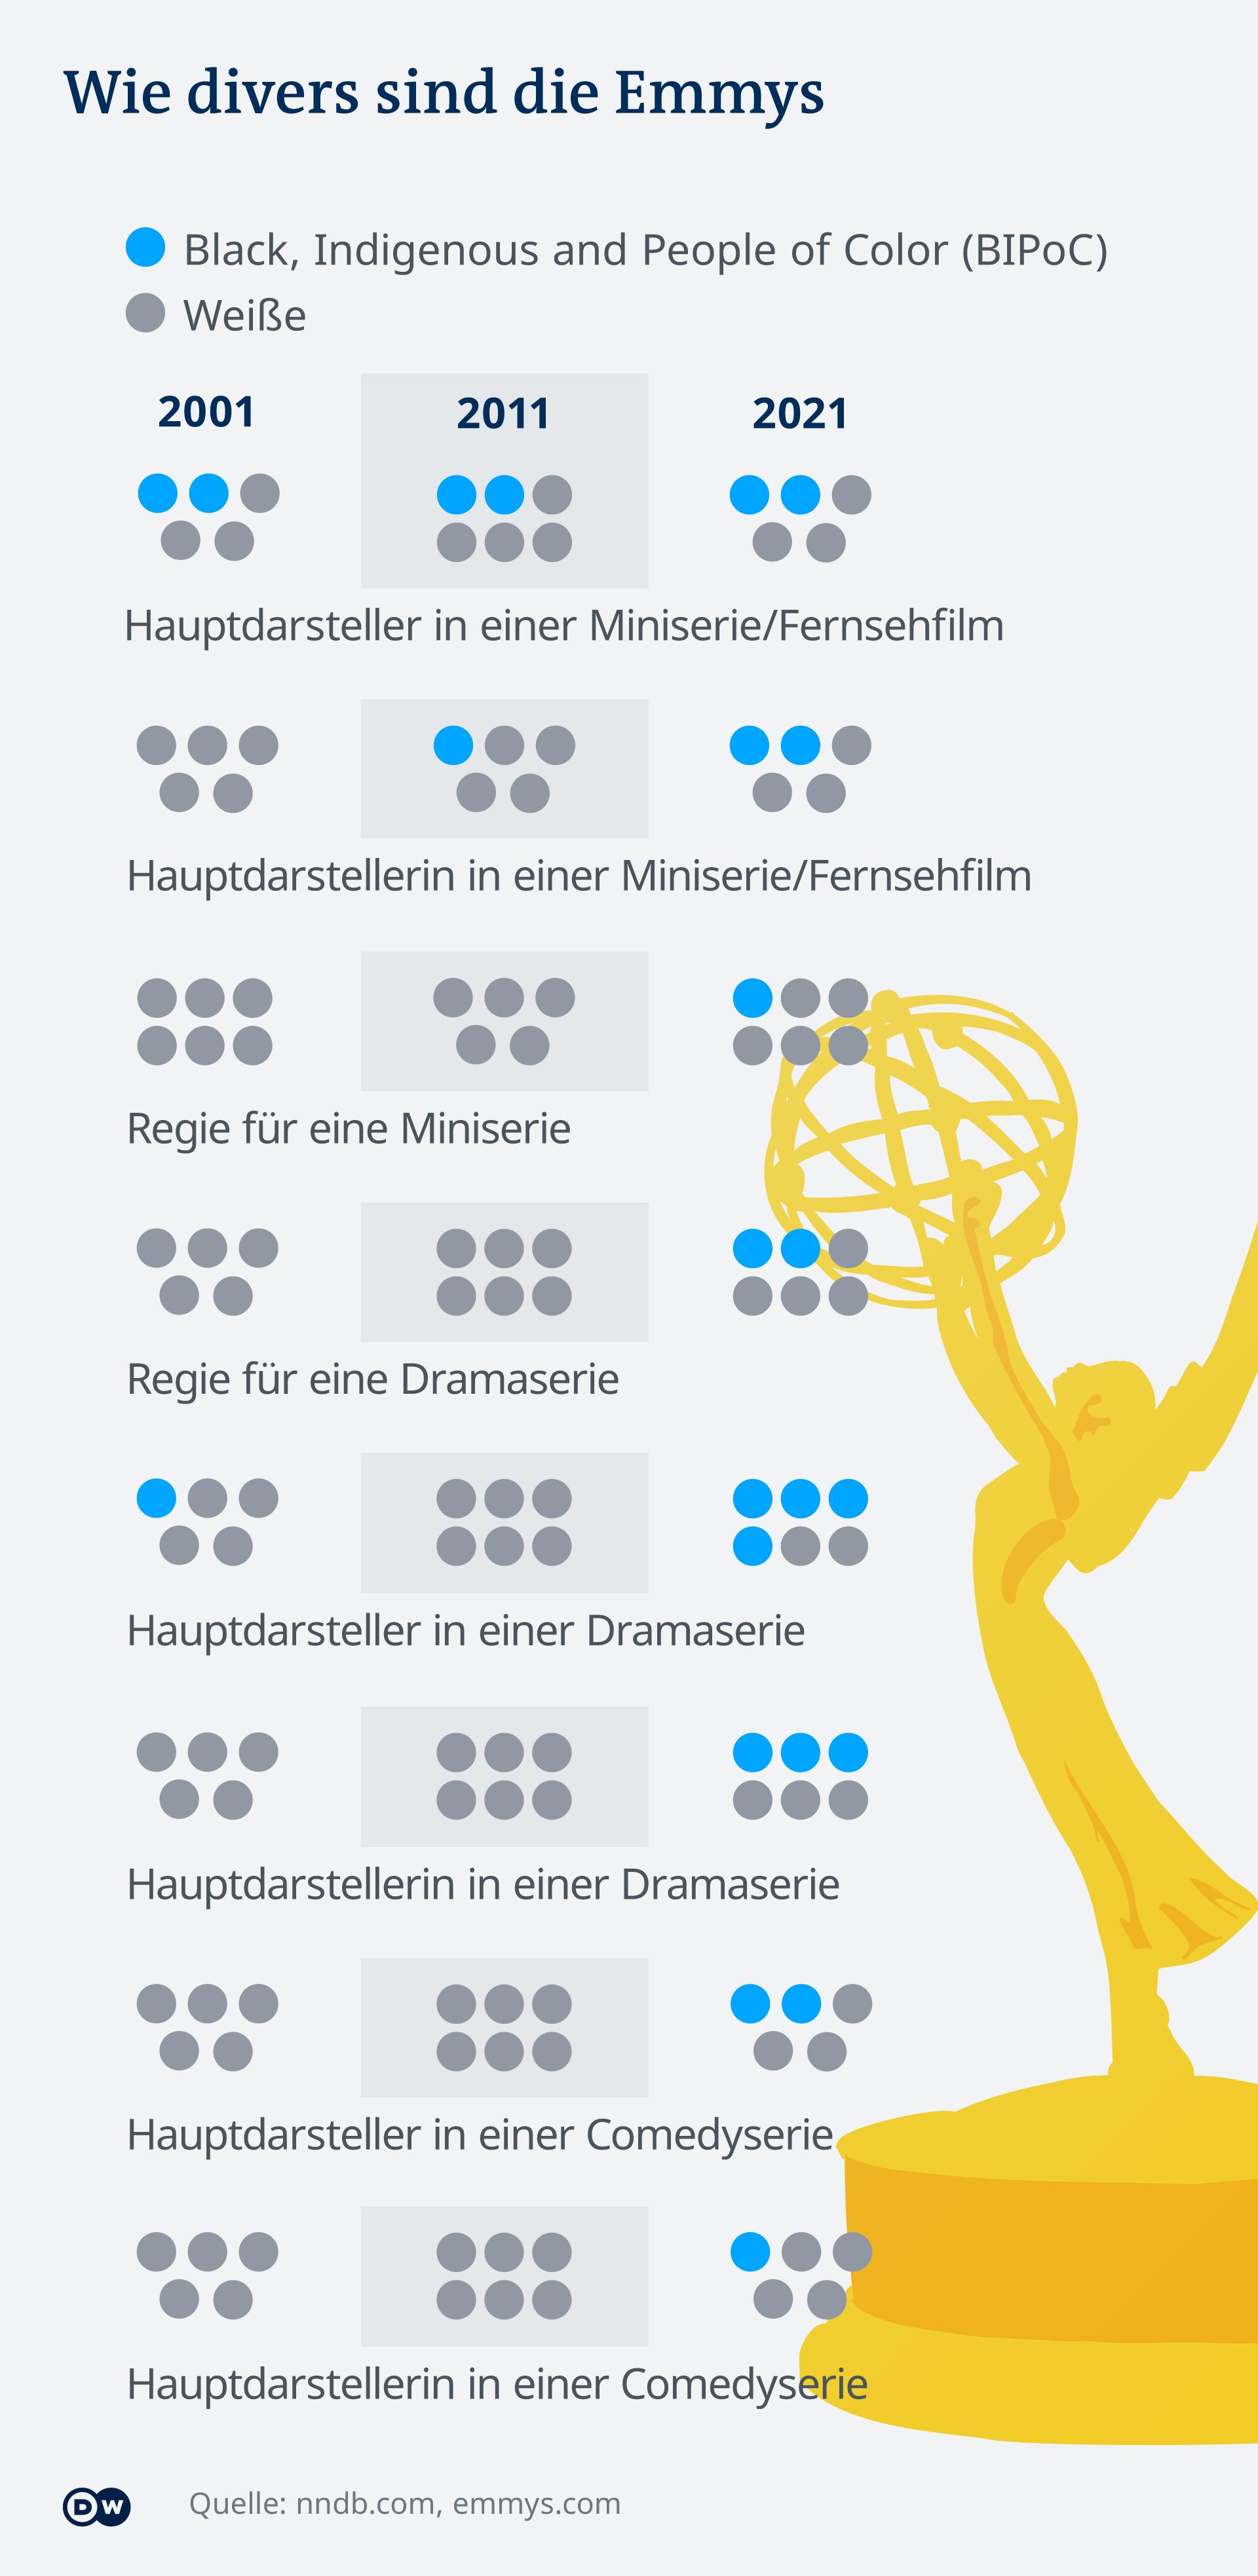 Infografik Wie divers sind die Emmys - Vergleich der Jahr 2001, 2011 und 2021